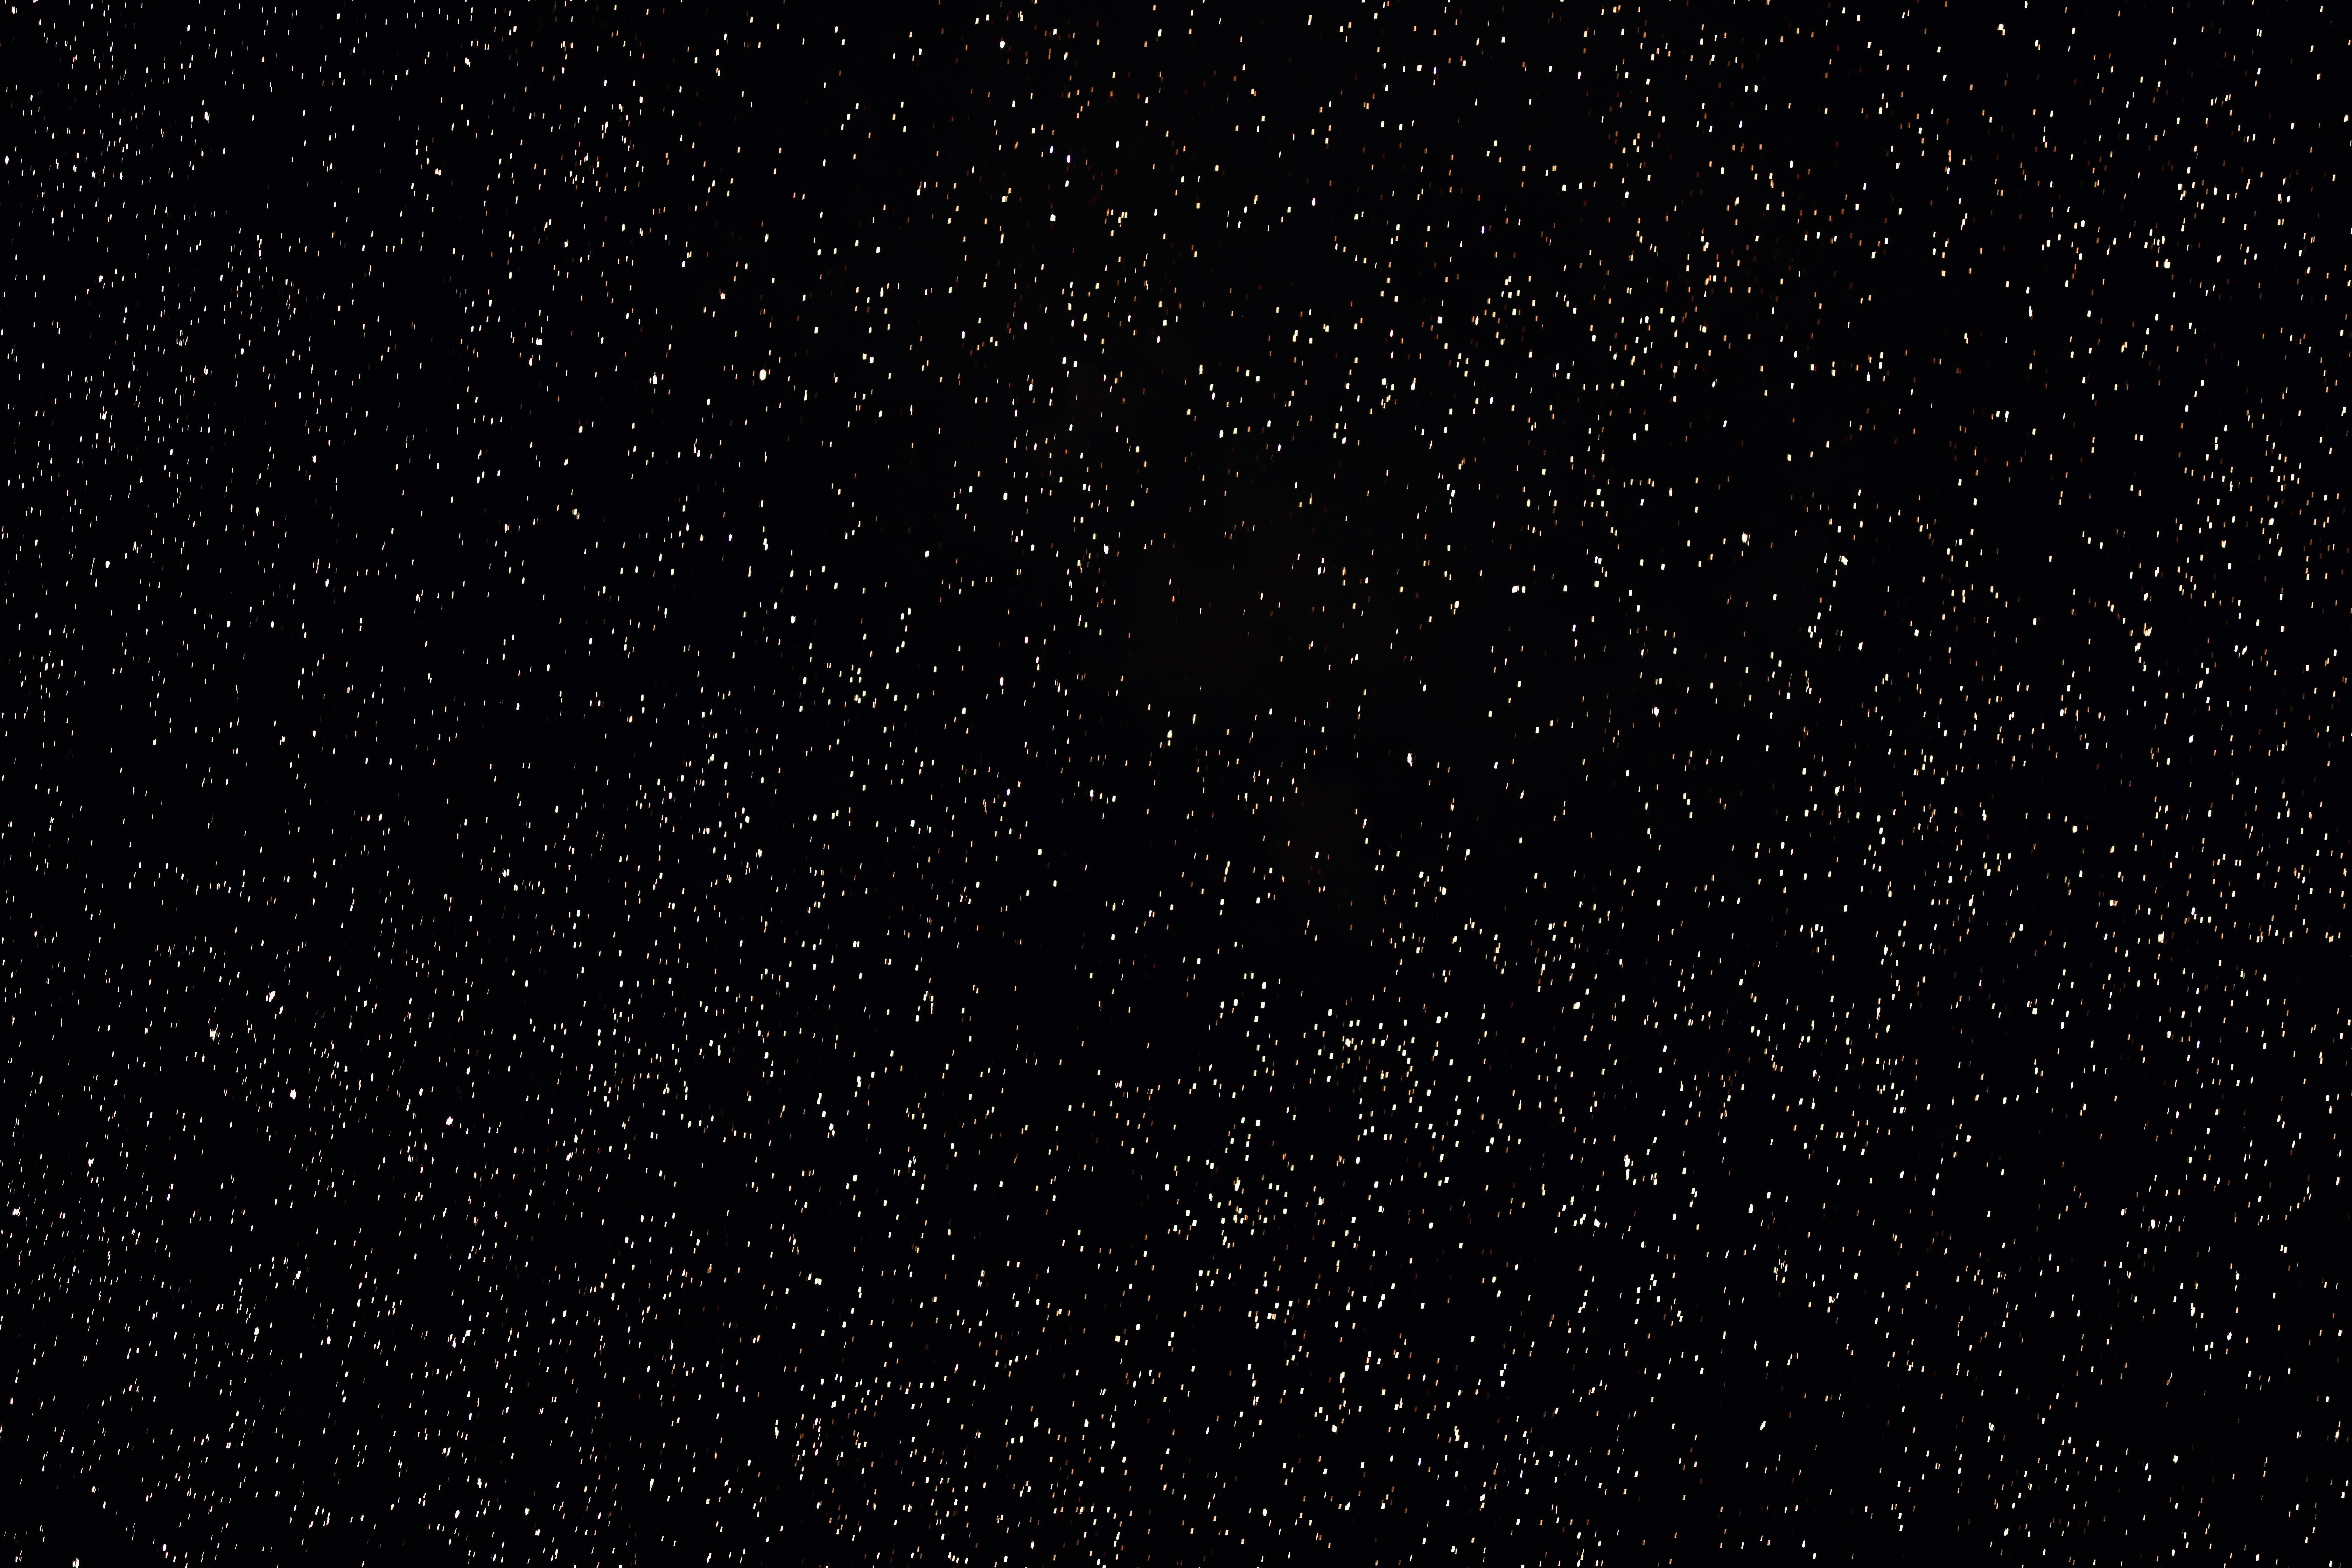 152669 скачать Черные обои на телефон бесплатно, Звездное Небо, Звезды, Черный, Точки Черные картинки и заставки на мобильный